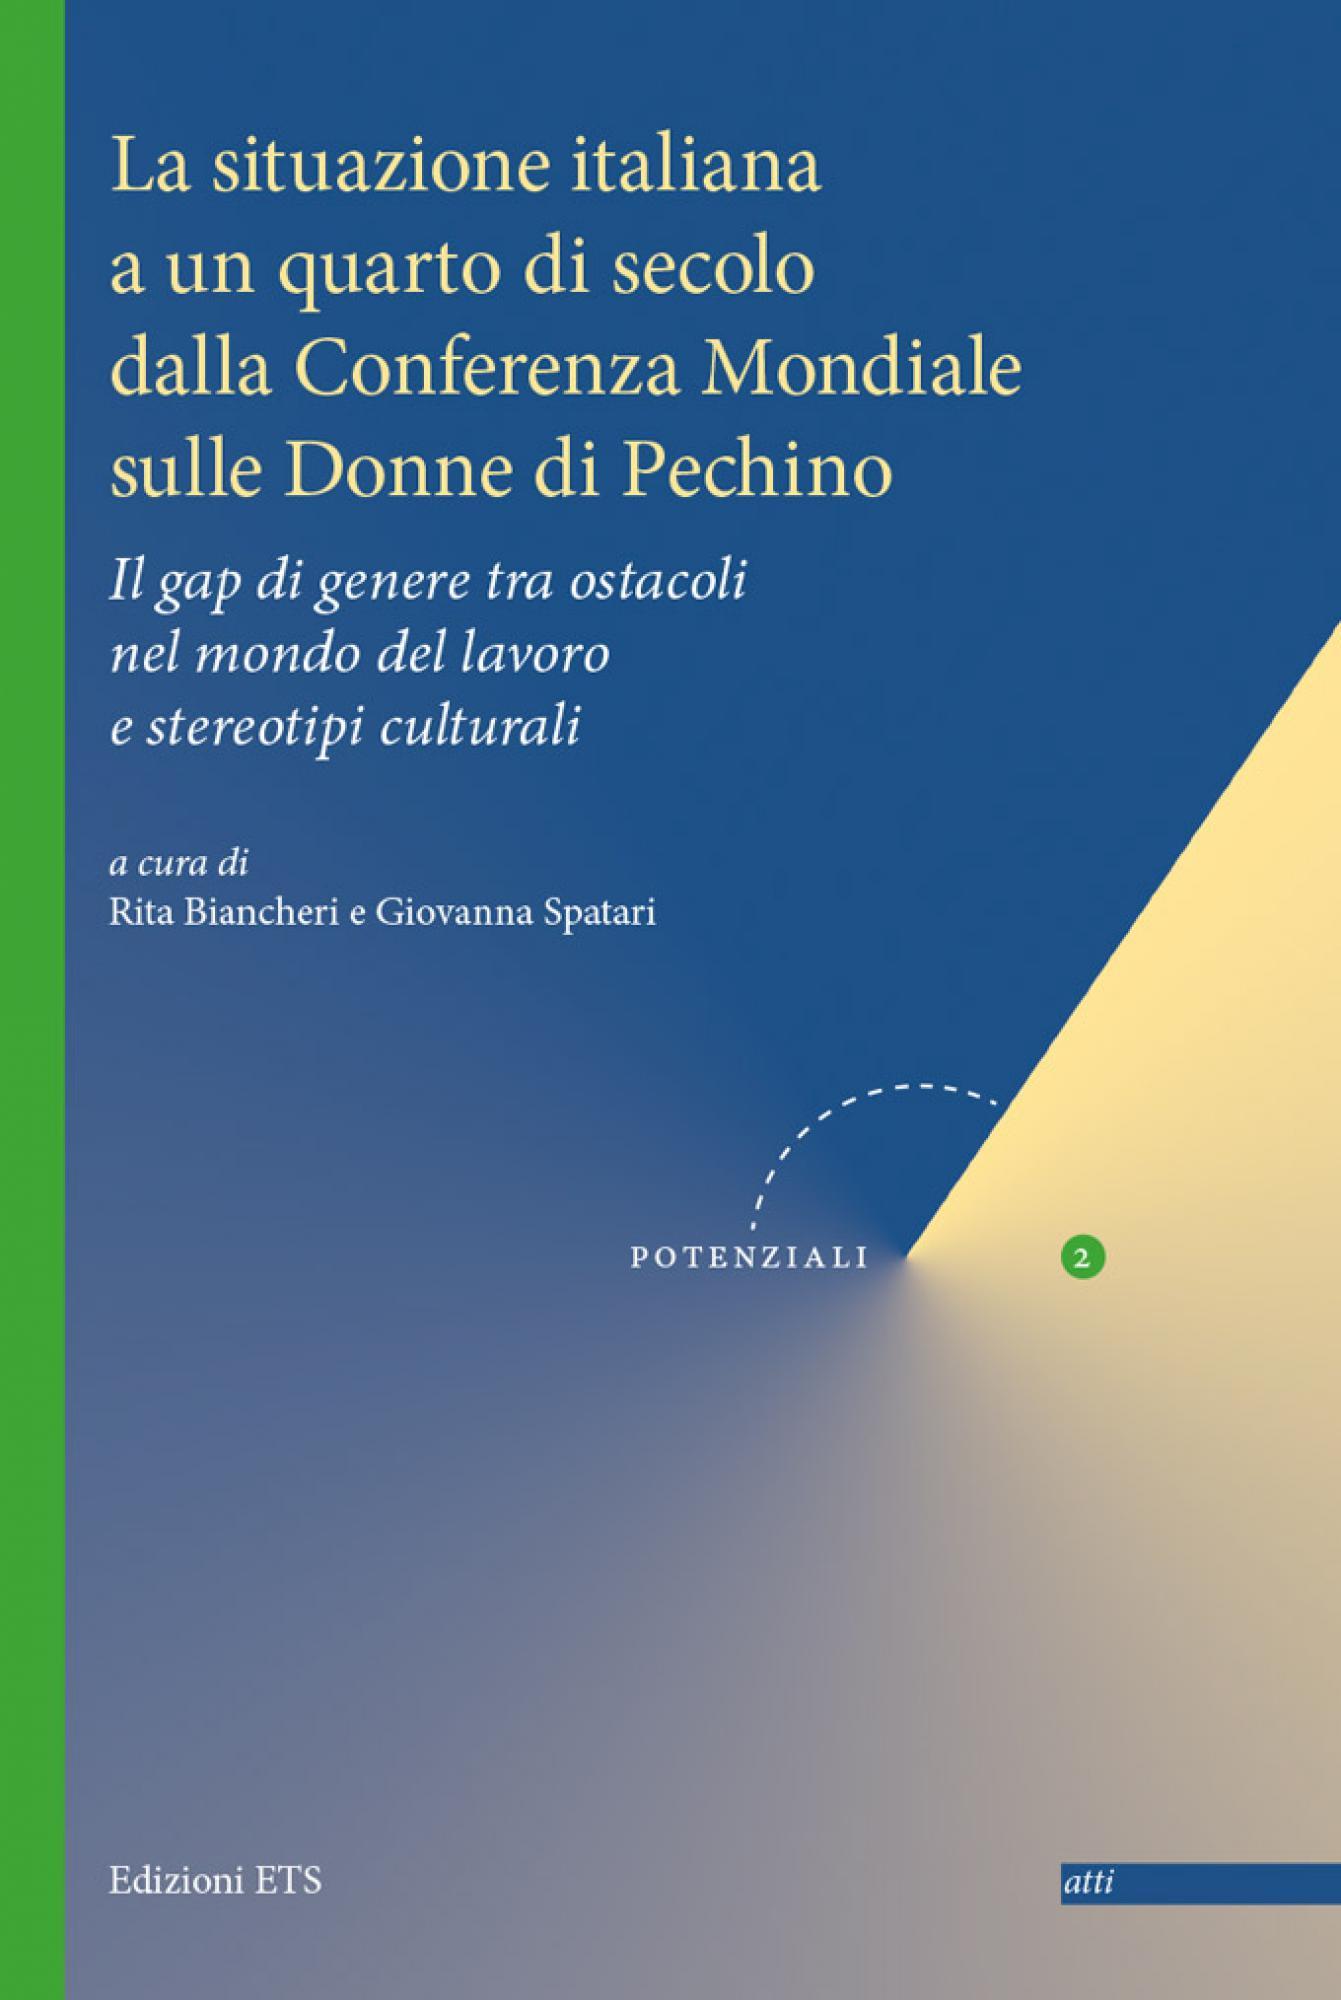 La situazione italiana a un quarto di secolo dalla Conferenza Mondiale sulle Donne di Pechino.Il gap di genere tra ostacoli nel mondo del lavoro e stereotipi culturali